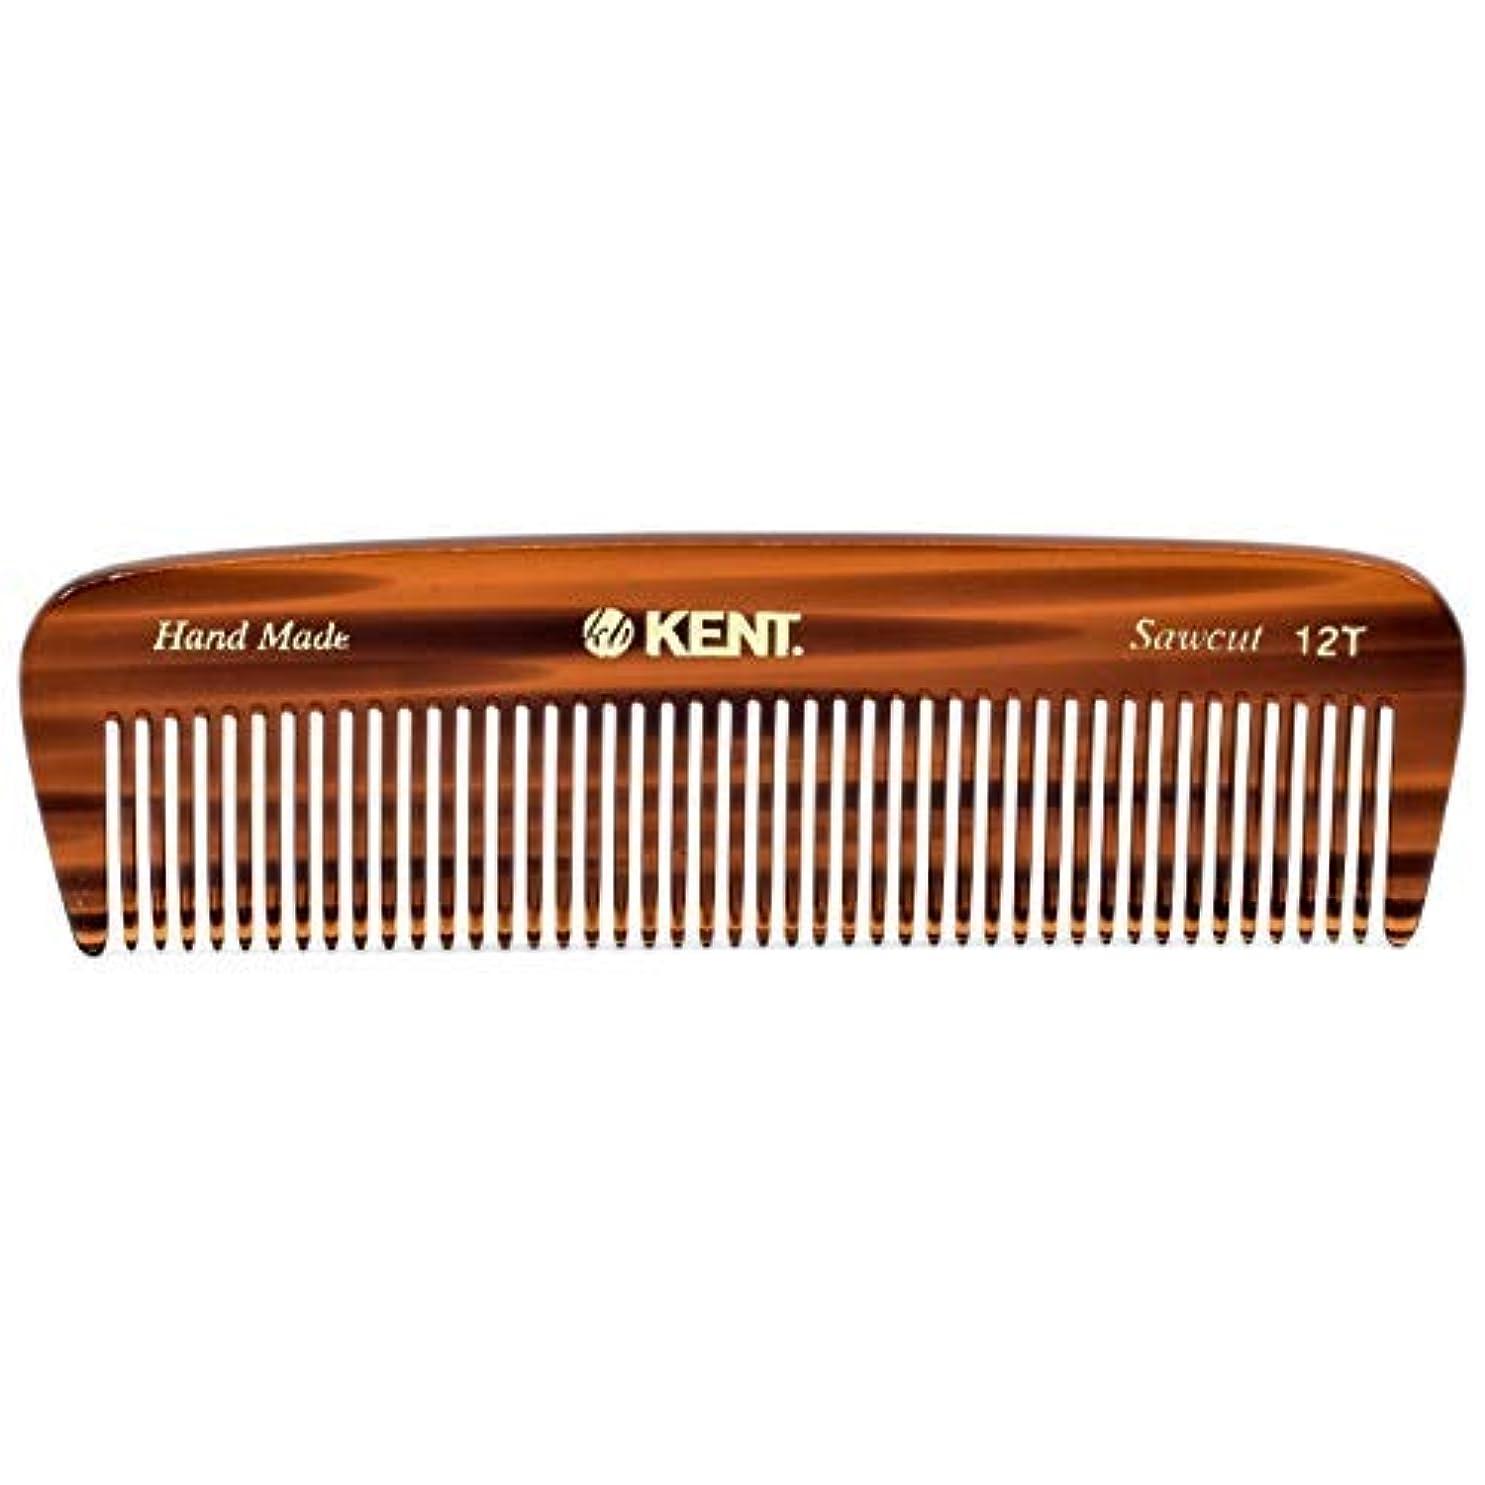 使い込む葉を拾うサーバントKent 12T Handmade Medium Size Teeth for Thick/Coarse Hair Comb for Men/Women - For Grooming, Styling, and Detangling...